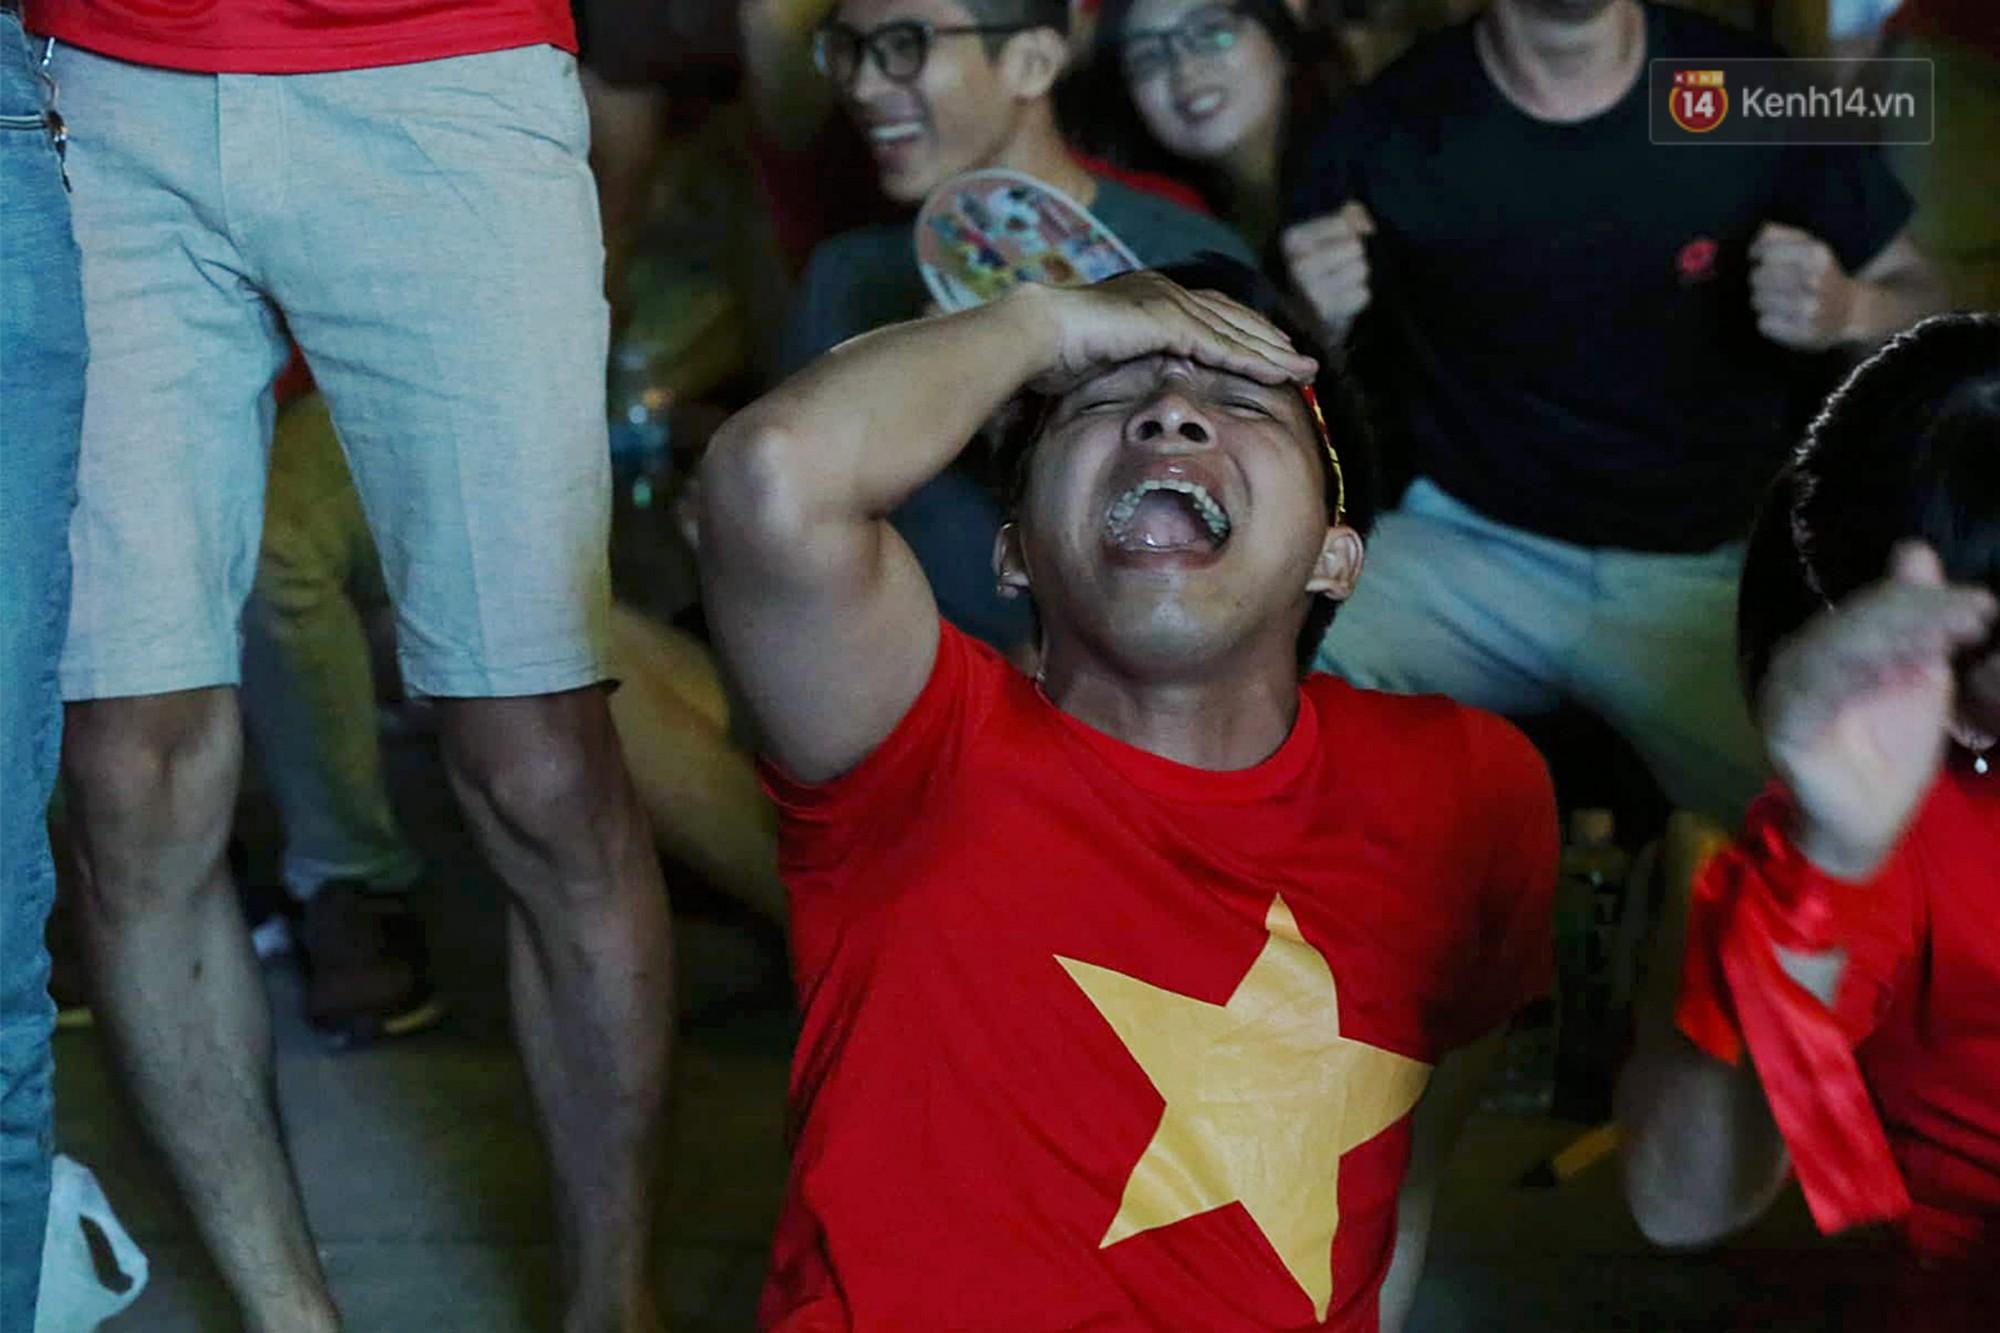 120 phút khó quên: Những cảm xúc từ hụt hẫng, thót tim đến vỡ òa hạnh phúc của người hâm mộ trong trận thắng lịch sử của ĐT Việt Nam - Ảnh 6.